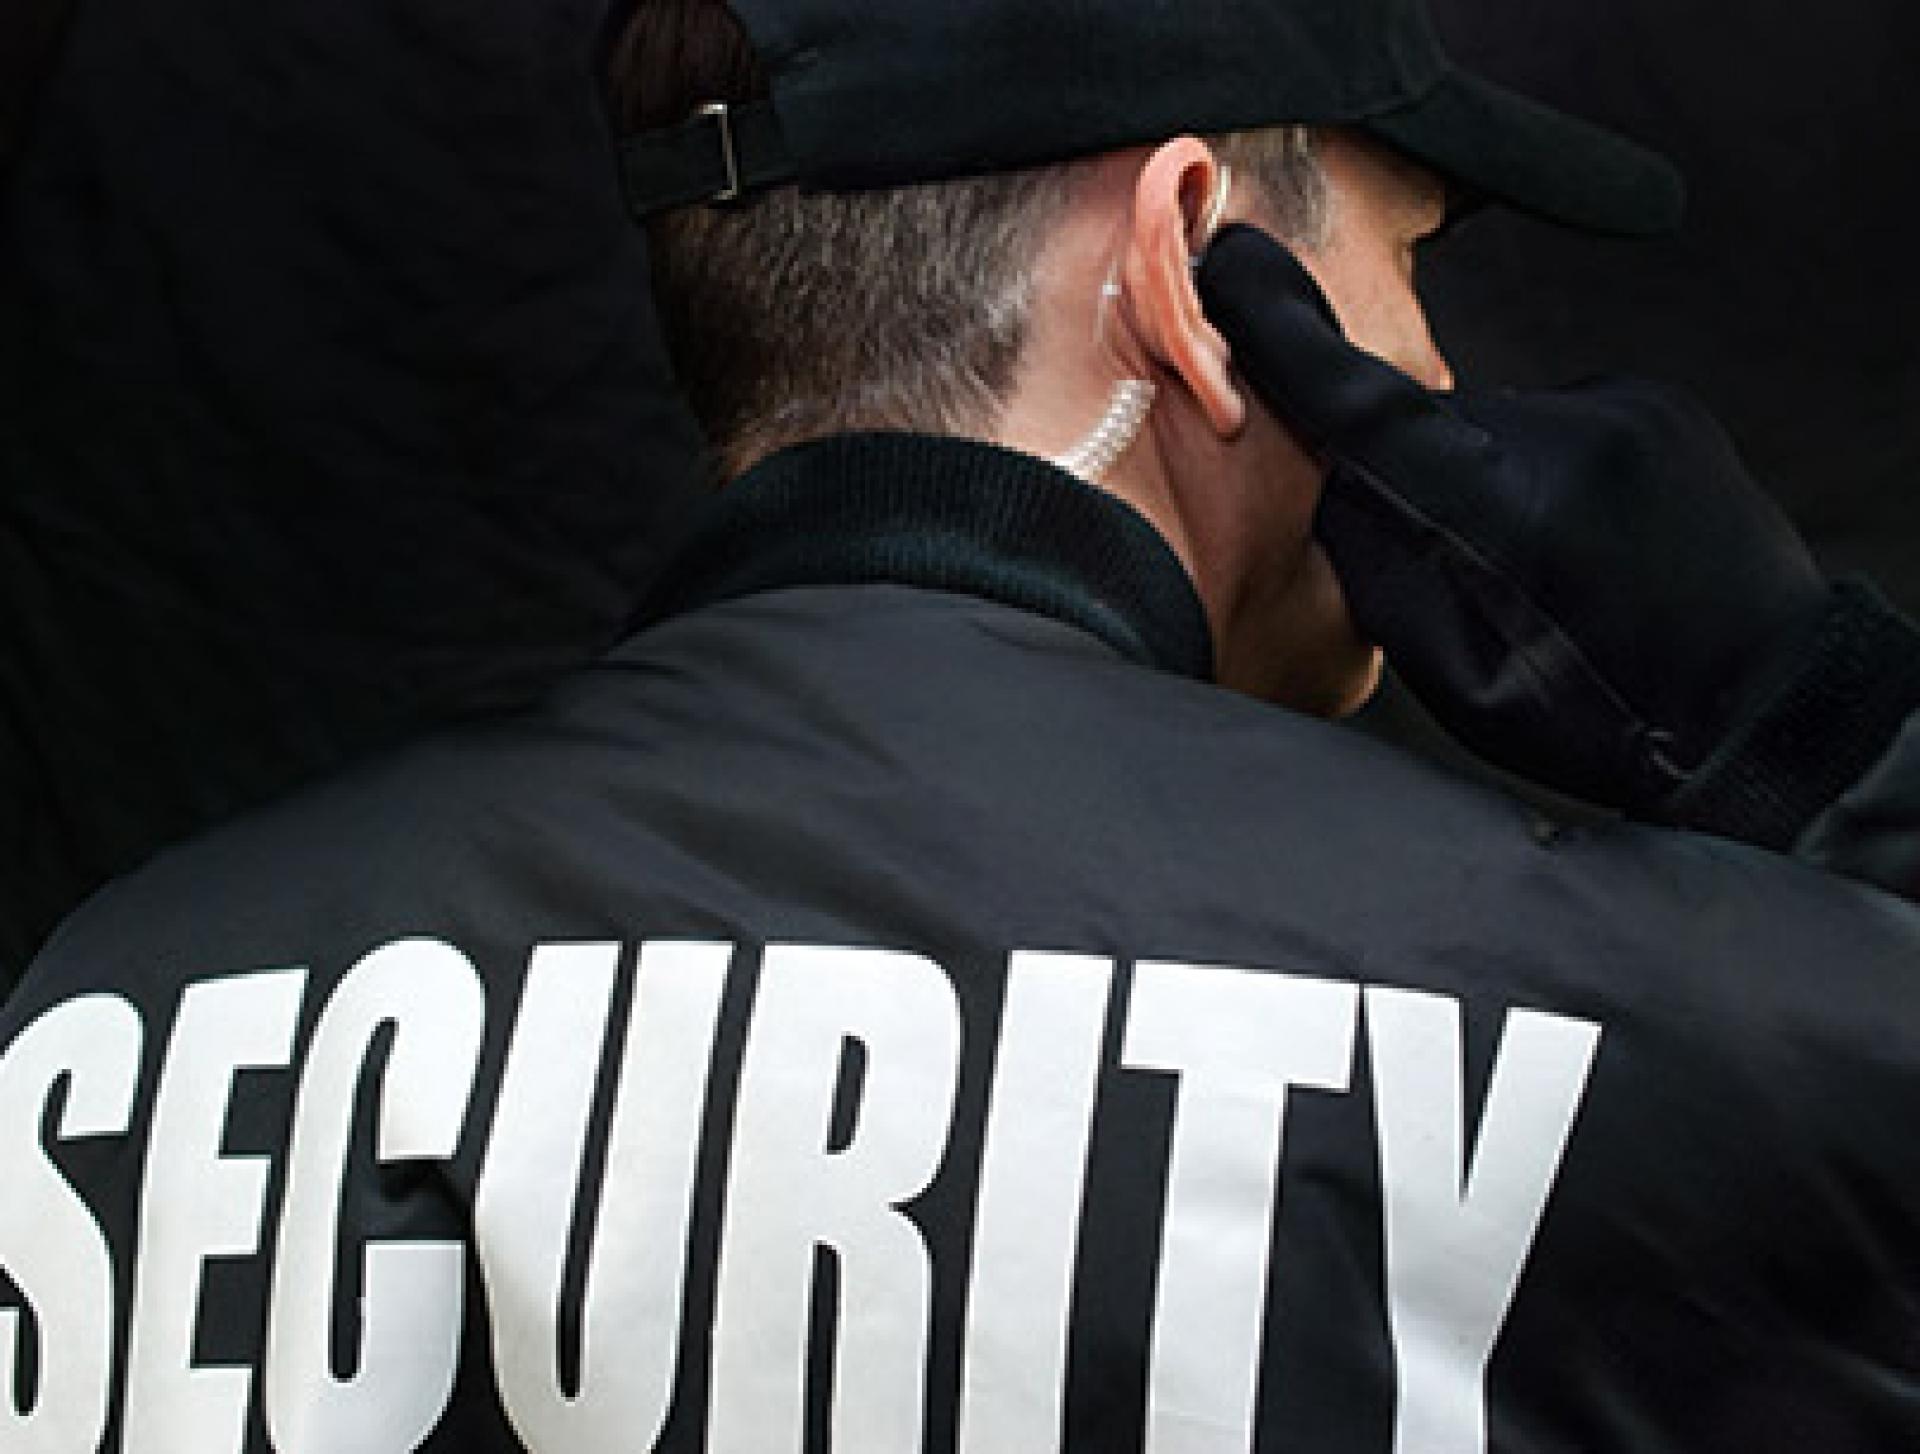 Επιμορφωτικό πρόγραμμα Εξειδίκευσης για Υπεύθυνους Ασφαλείας Λιμενικών Εγκαταστάσεων – YAΛΕ